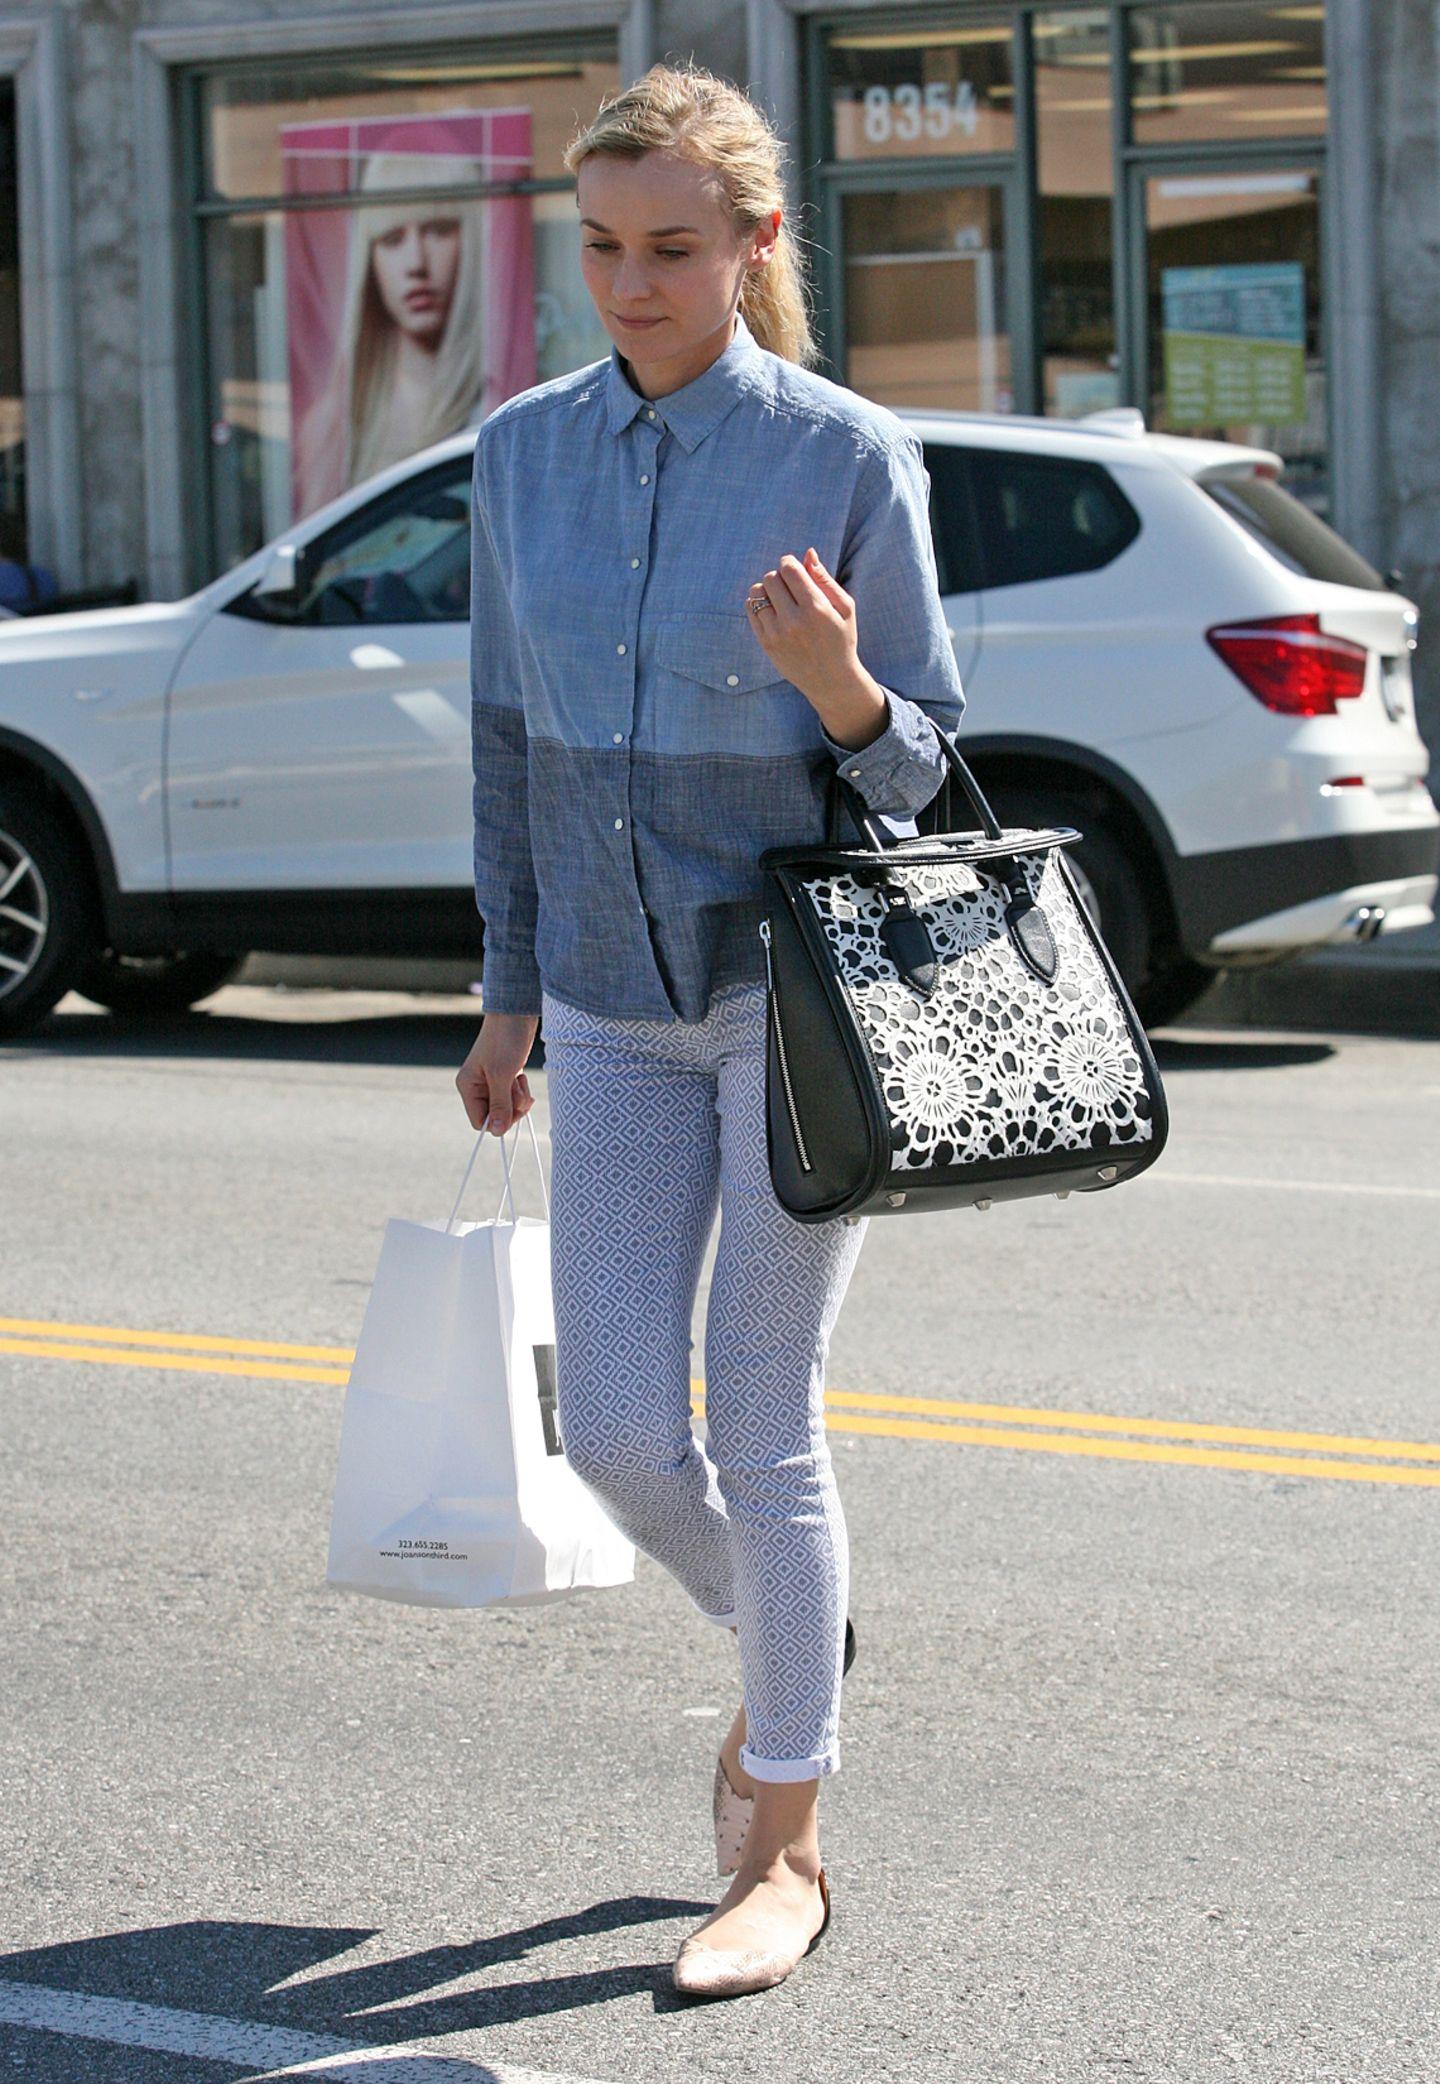 Diane Kruger kombiniert zum zweifarbigen Jeanshemd eine schmale Hose mit Print und flache, spitze Ballerinas.